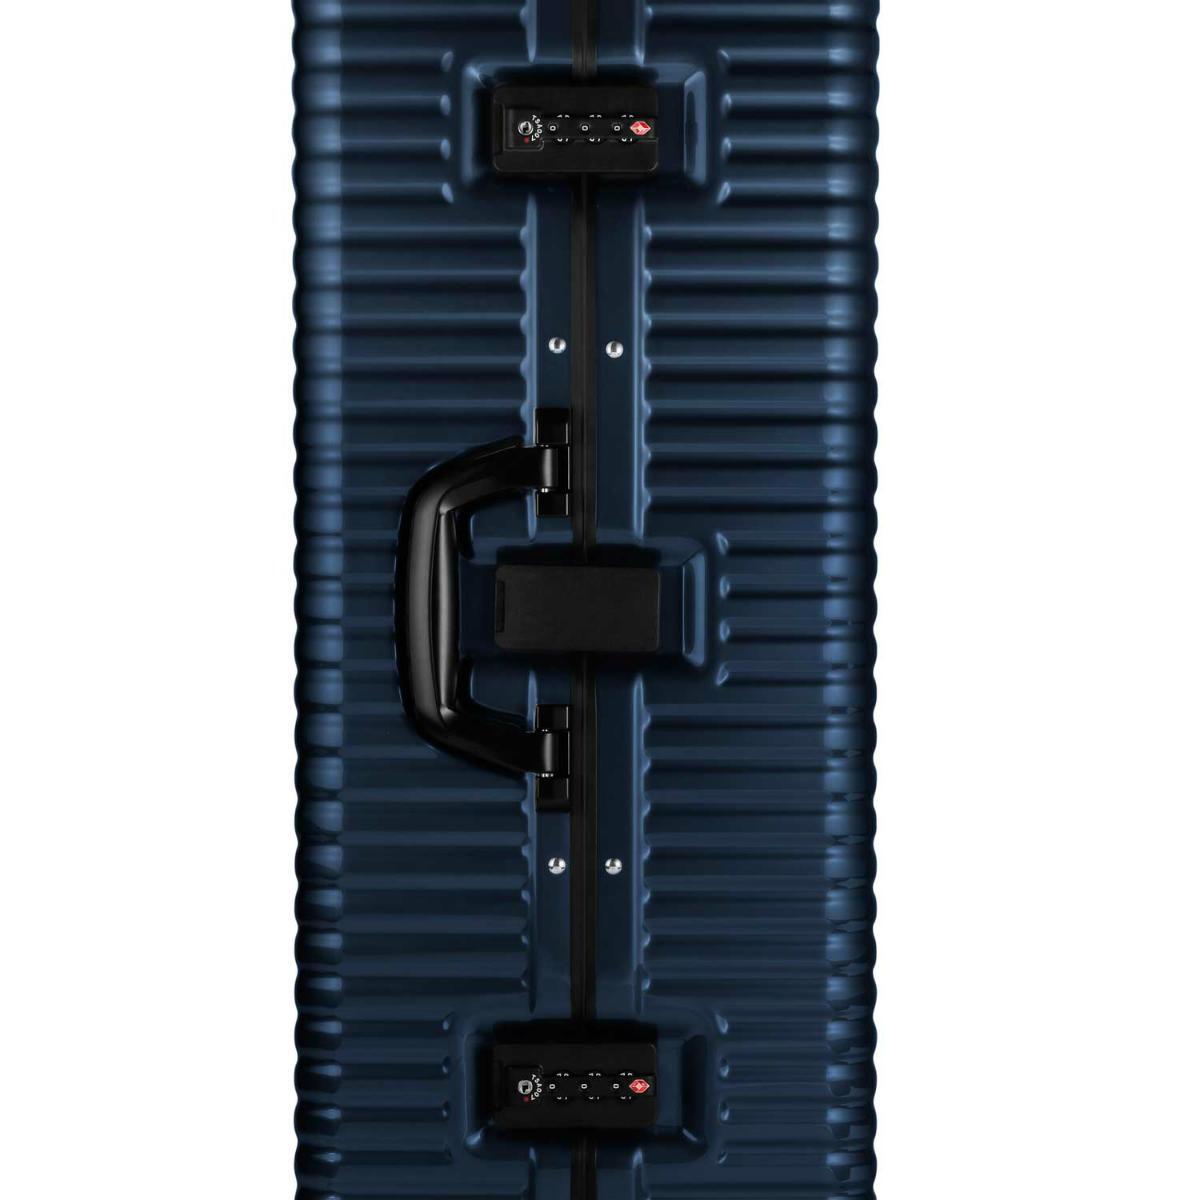 【クリアランスセール・GoTo トラベル】ランツォ LANZZO Norman Light ノーマン ライト 4輪 87L 約5.8kg ダイアルロック式 ポリカーボネート スーツケース PC29 42912 BLU(ブルー)【返品交換不可】special priceAM